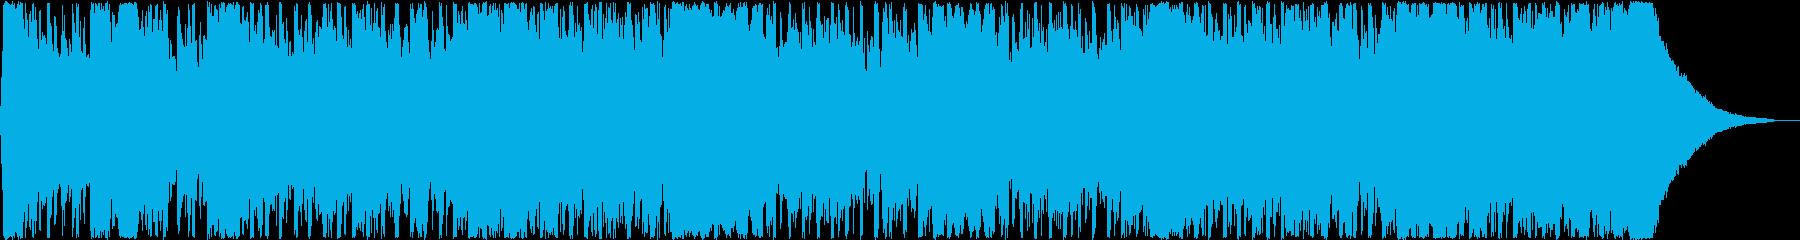 企業VPキャッチーで元気なポップ60秒の再生済みの波形